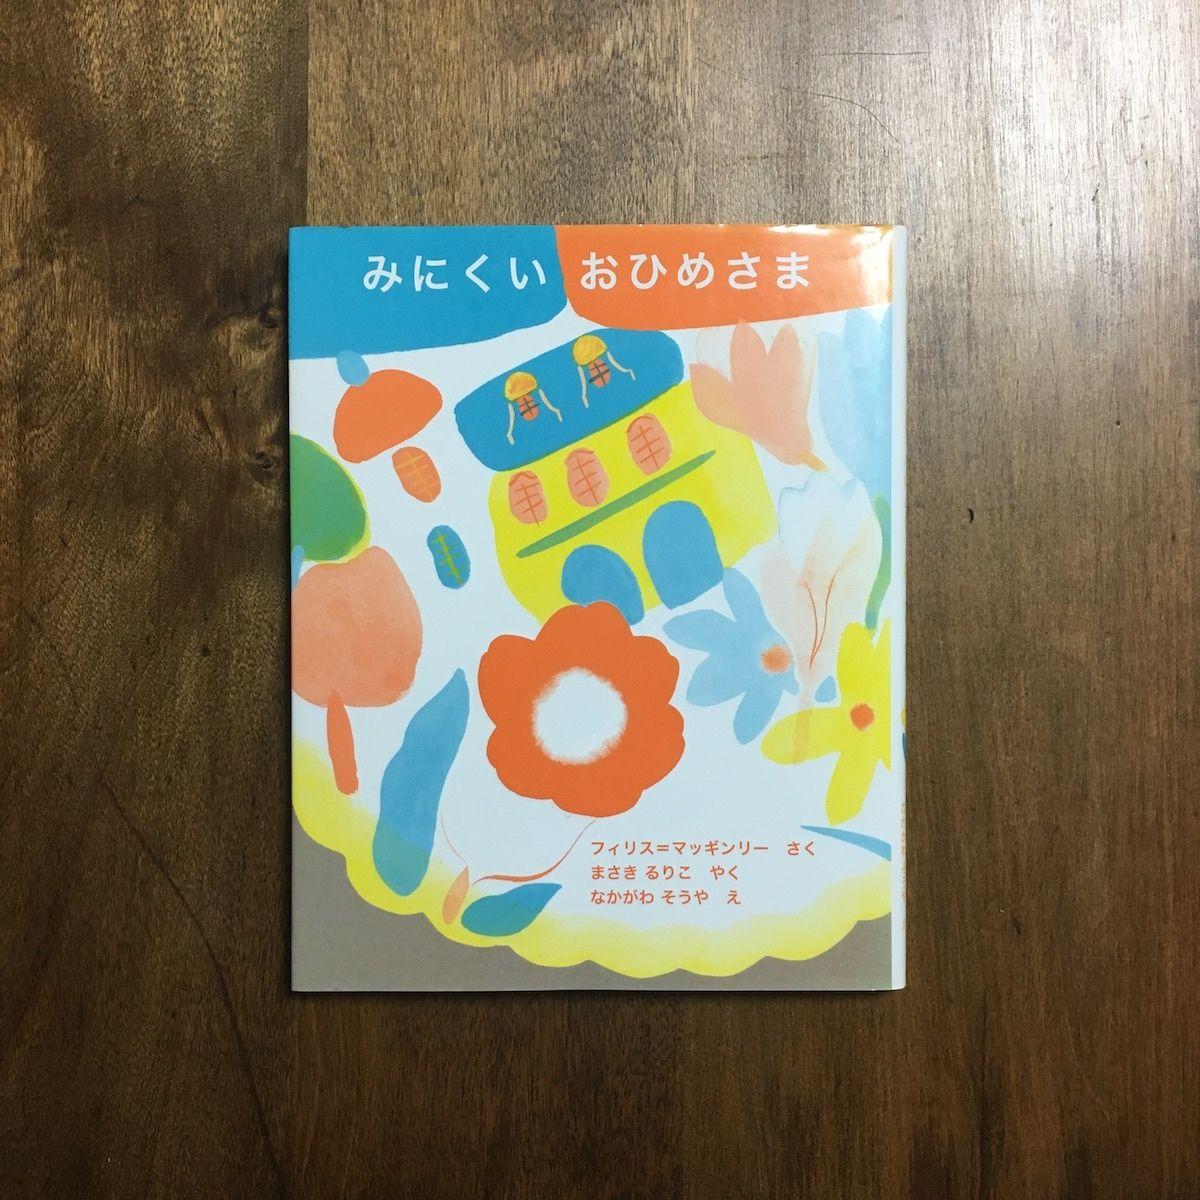 「みにくいおひめさま」フィリス・マッギンリー 作 中川宗弥 絵